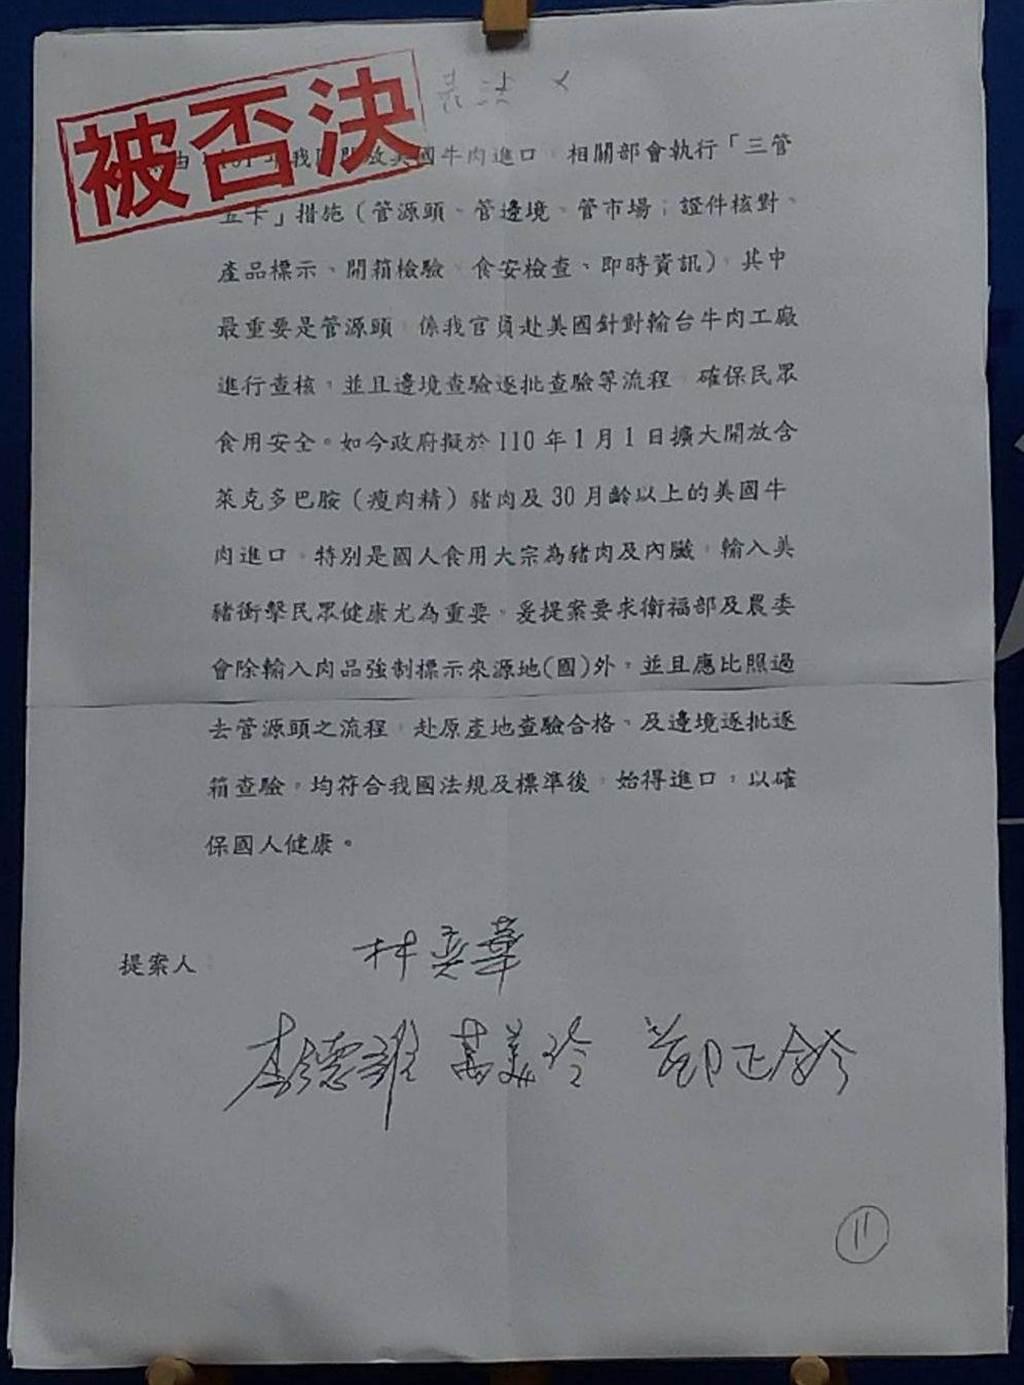 國民黨公布藍委臨時提案之二。(黃福其攝)